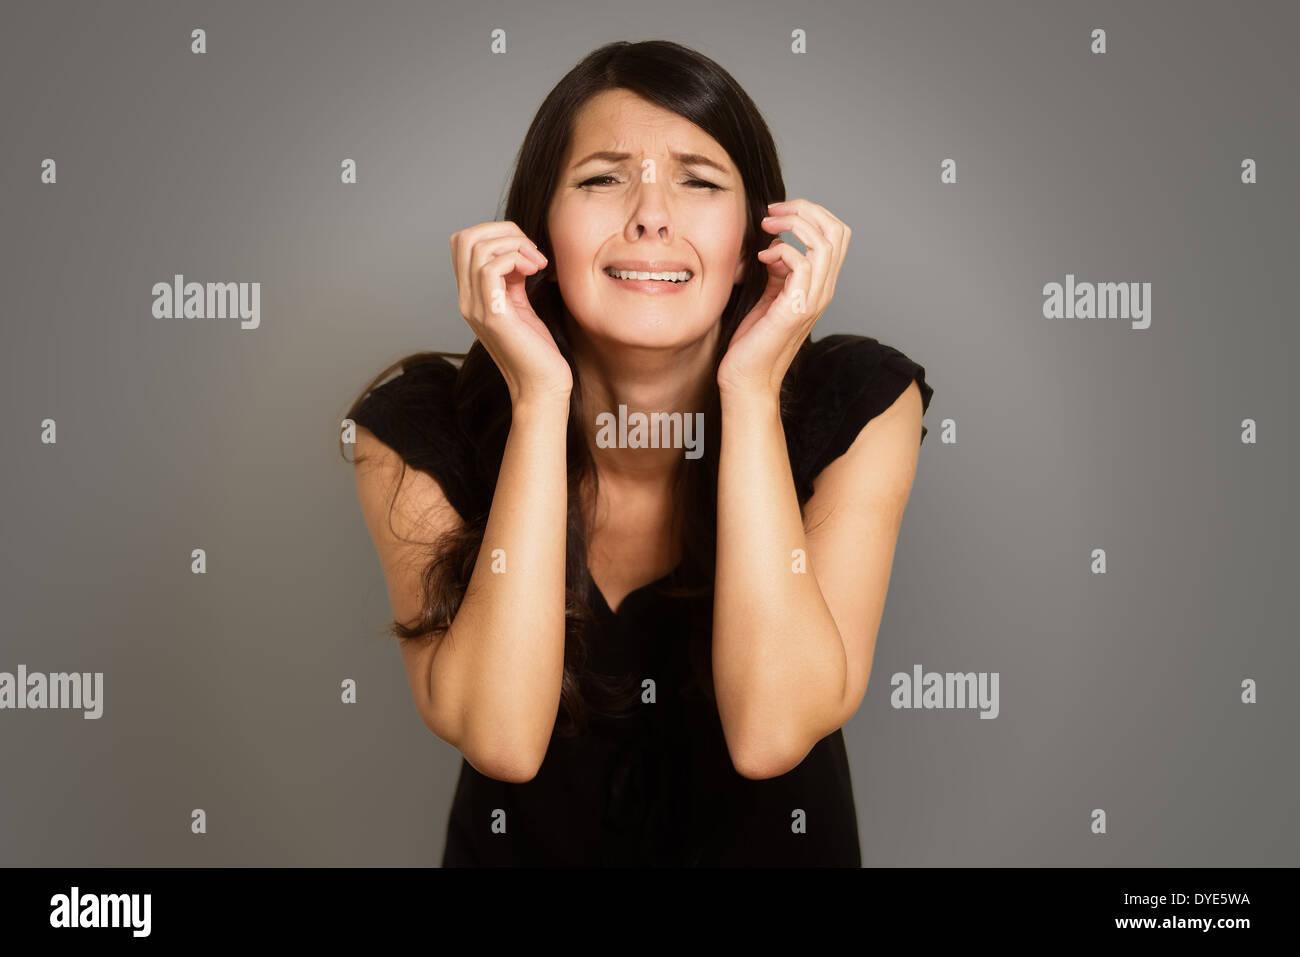 Angustiada llorosa mujer joven con sus manos entrelazadas en la angustia de pie con alicaído ojos contra un fondo blanco studio Imagen De Stock